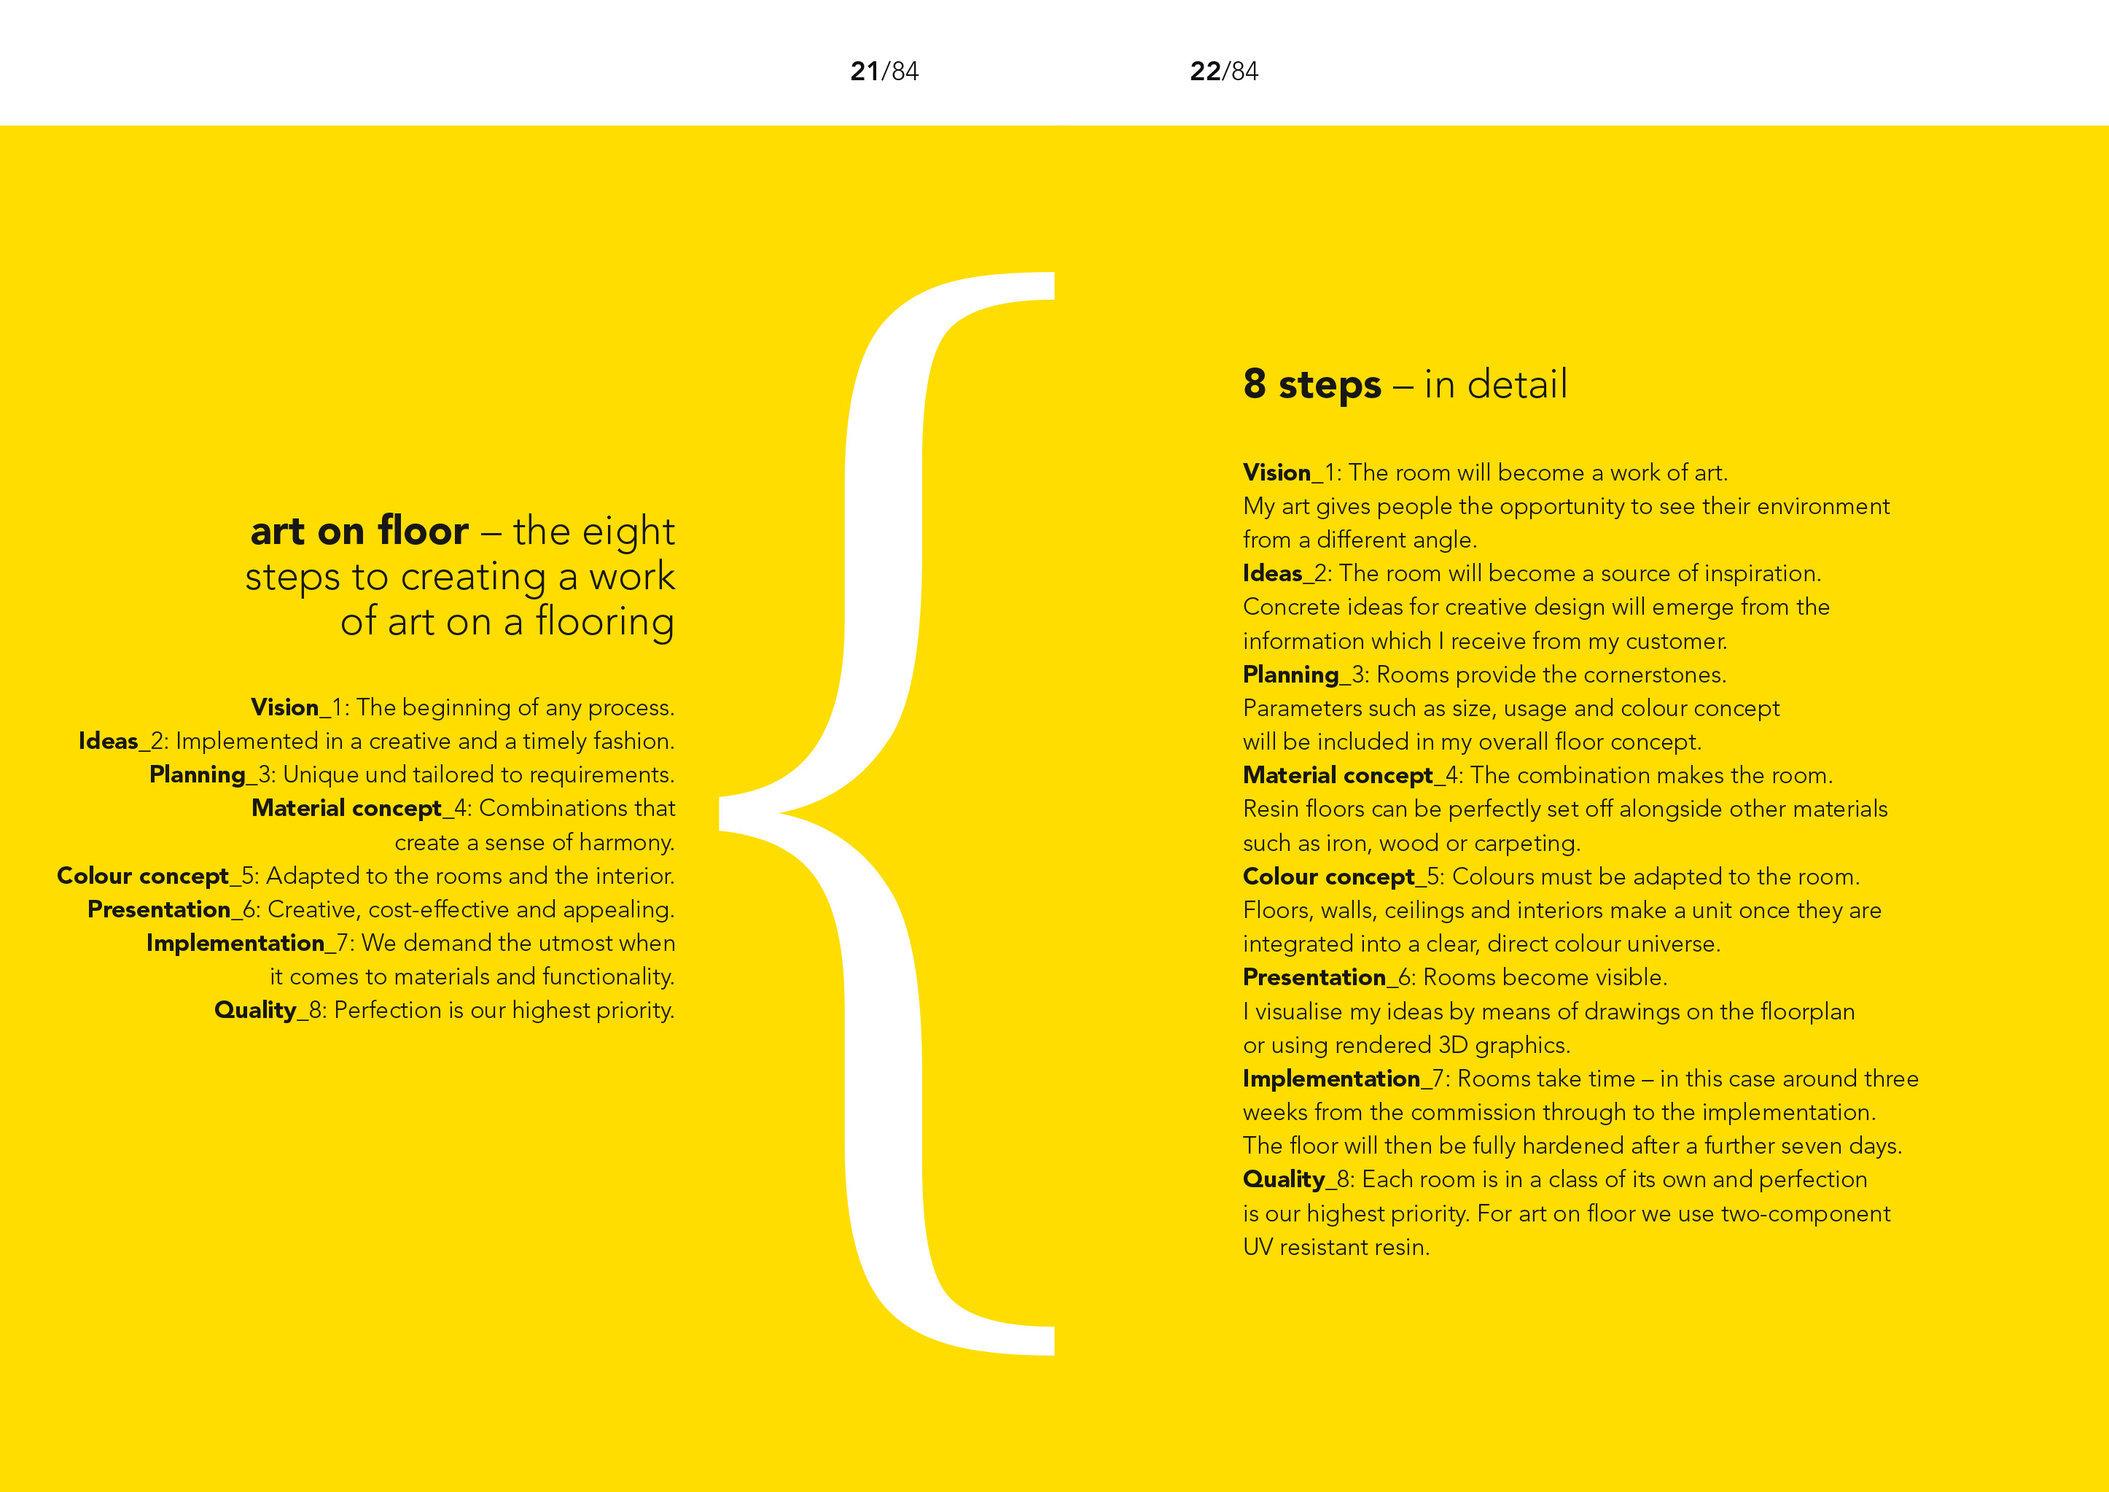 broschüre_artonfloor 11.jpg